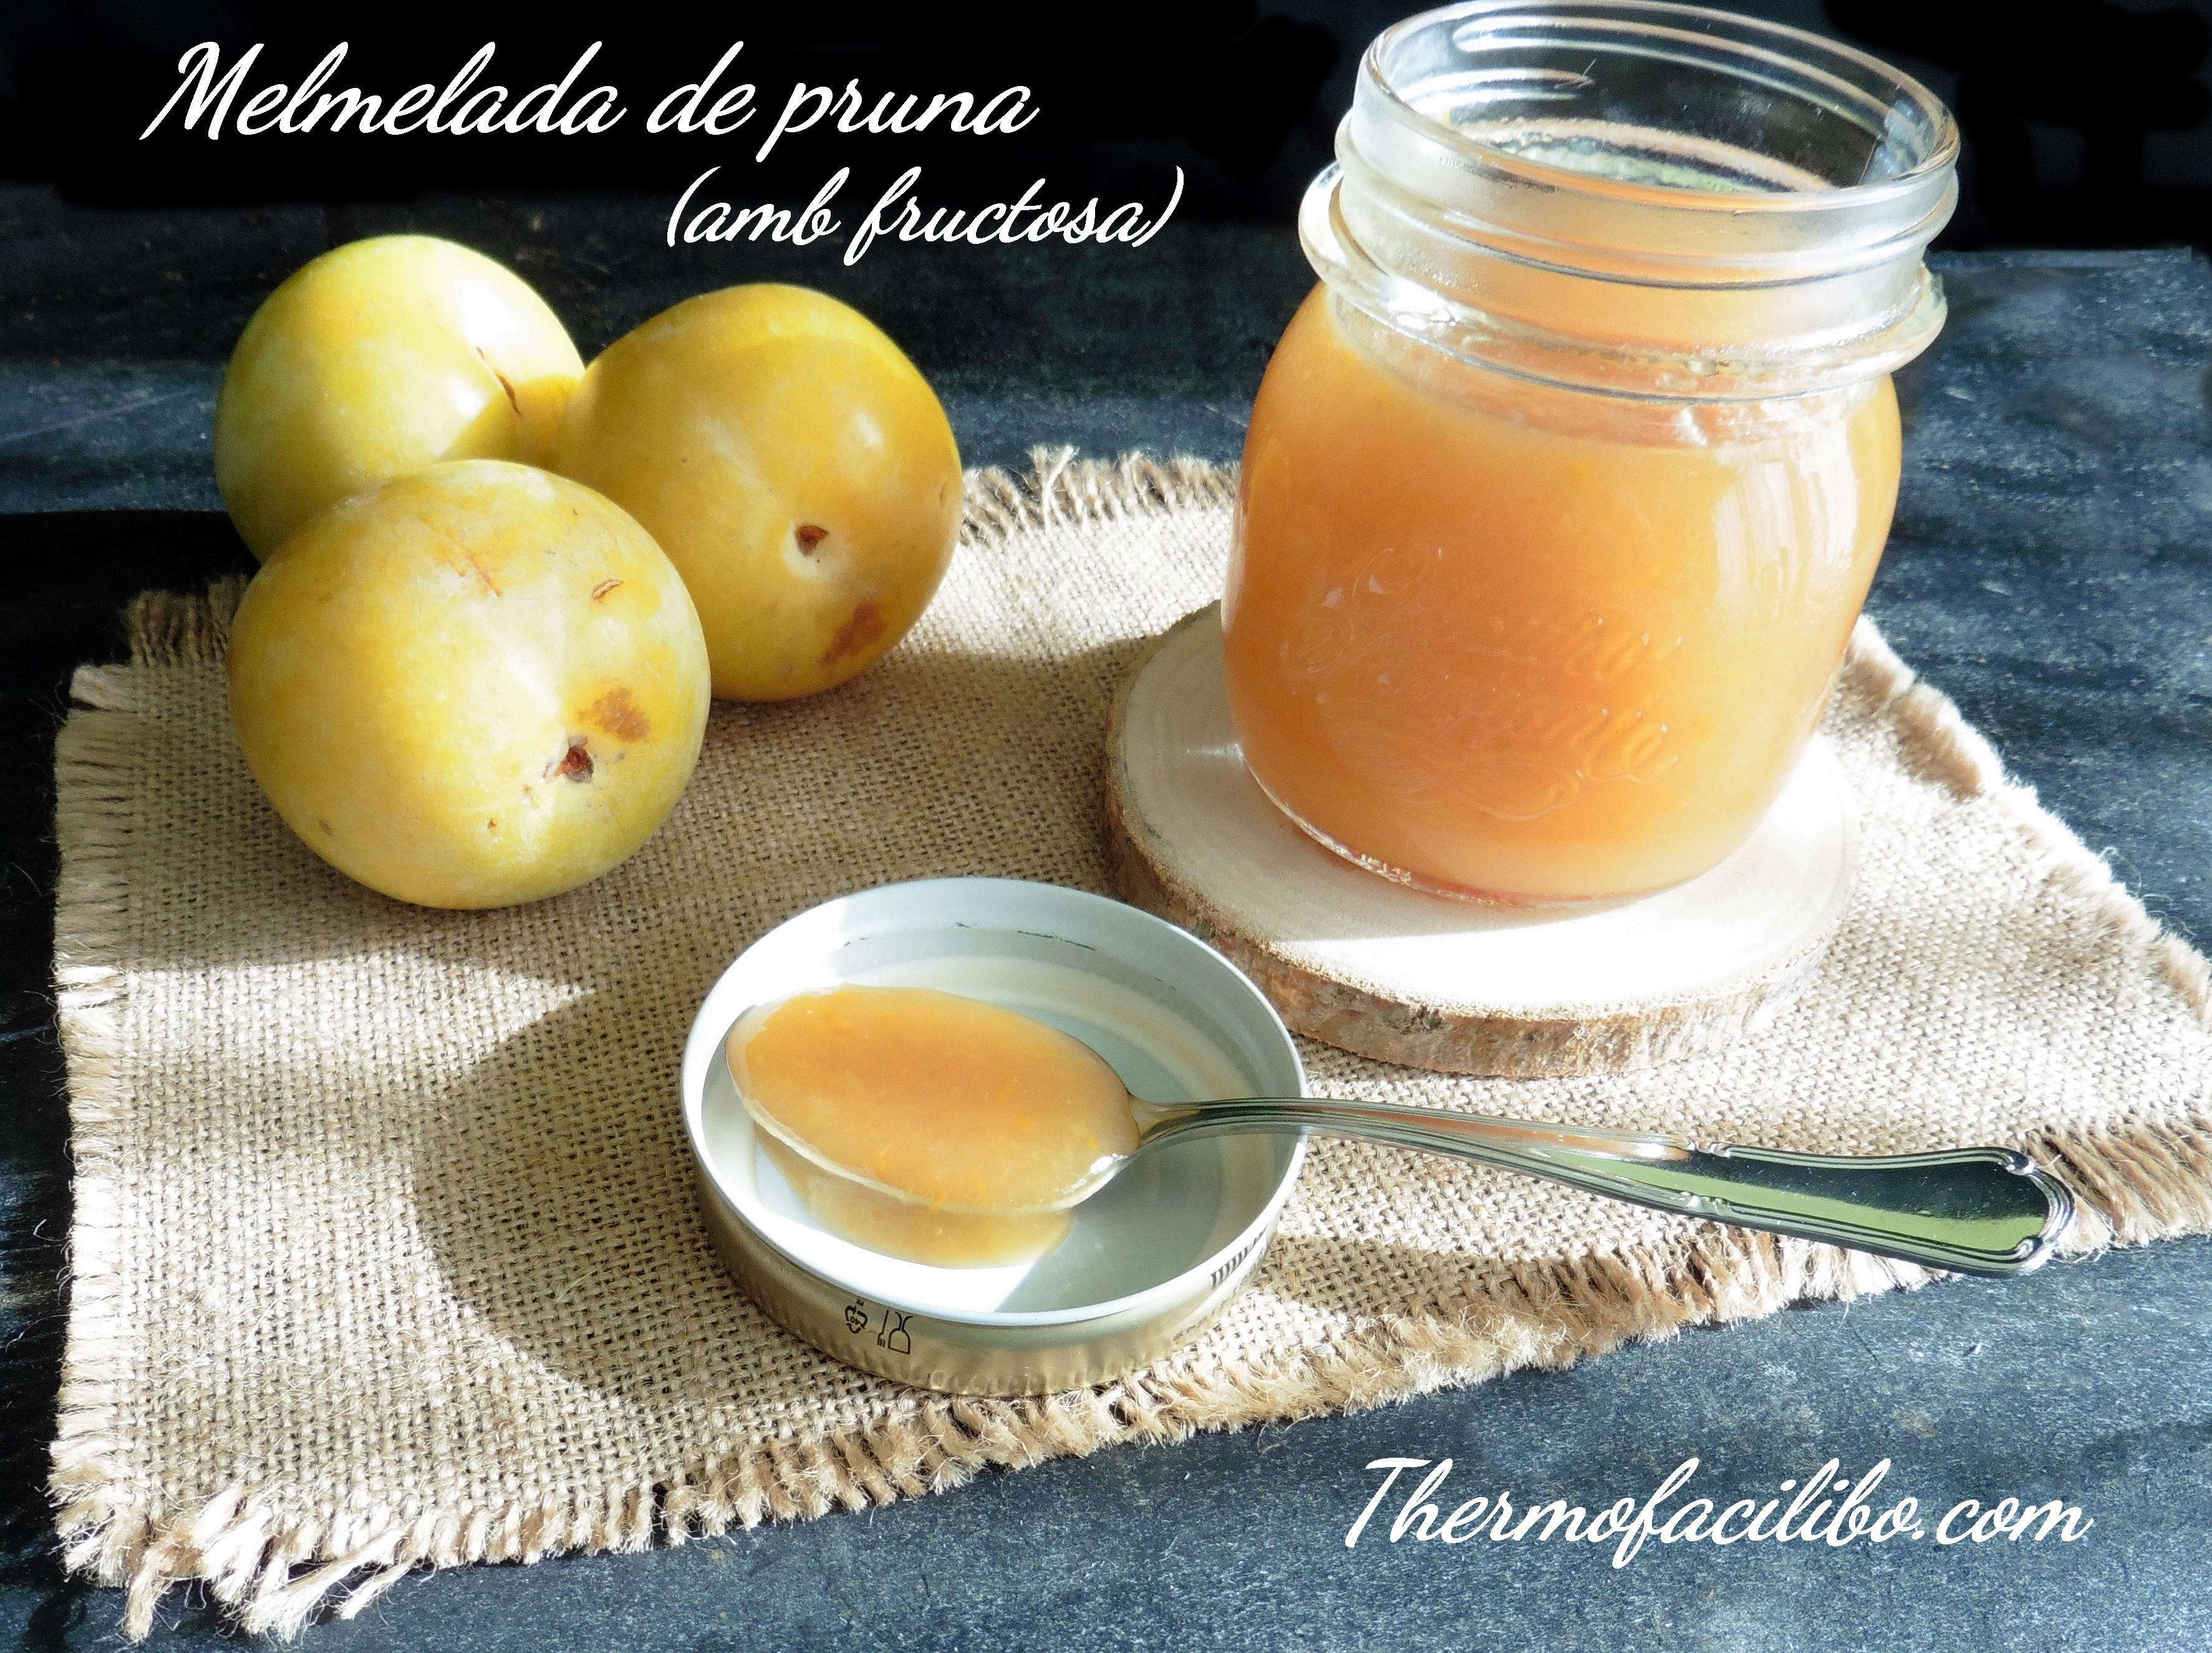 Melmelada de pruna amb fructosa.1